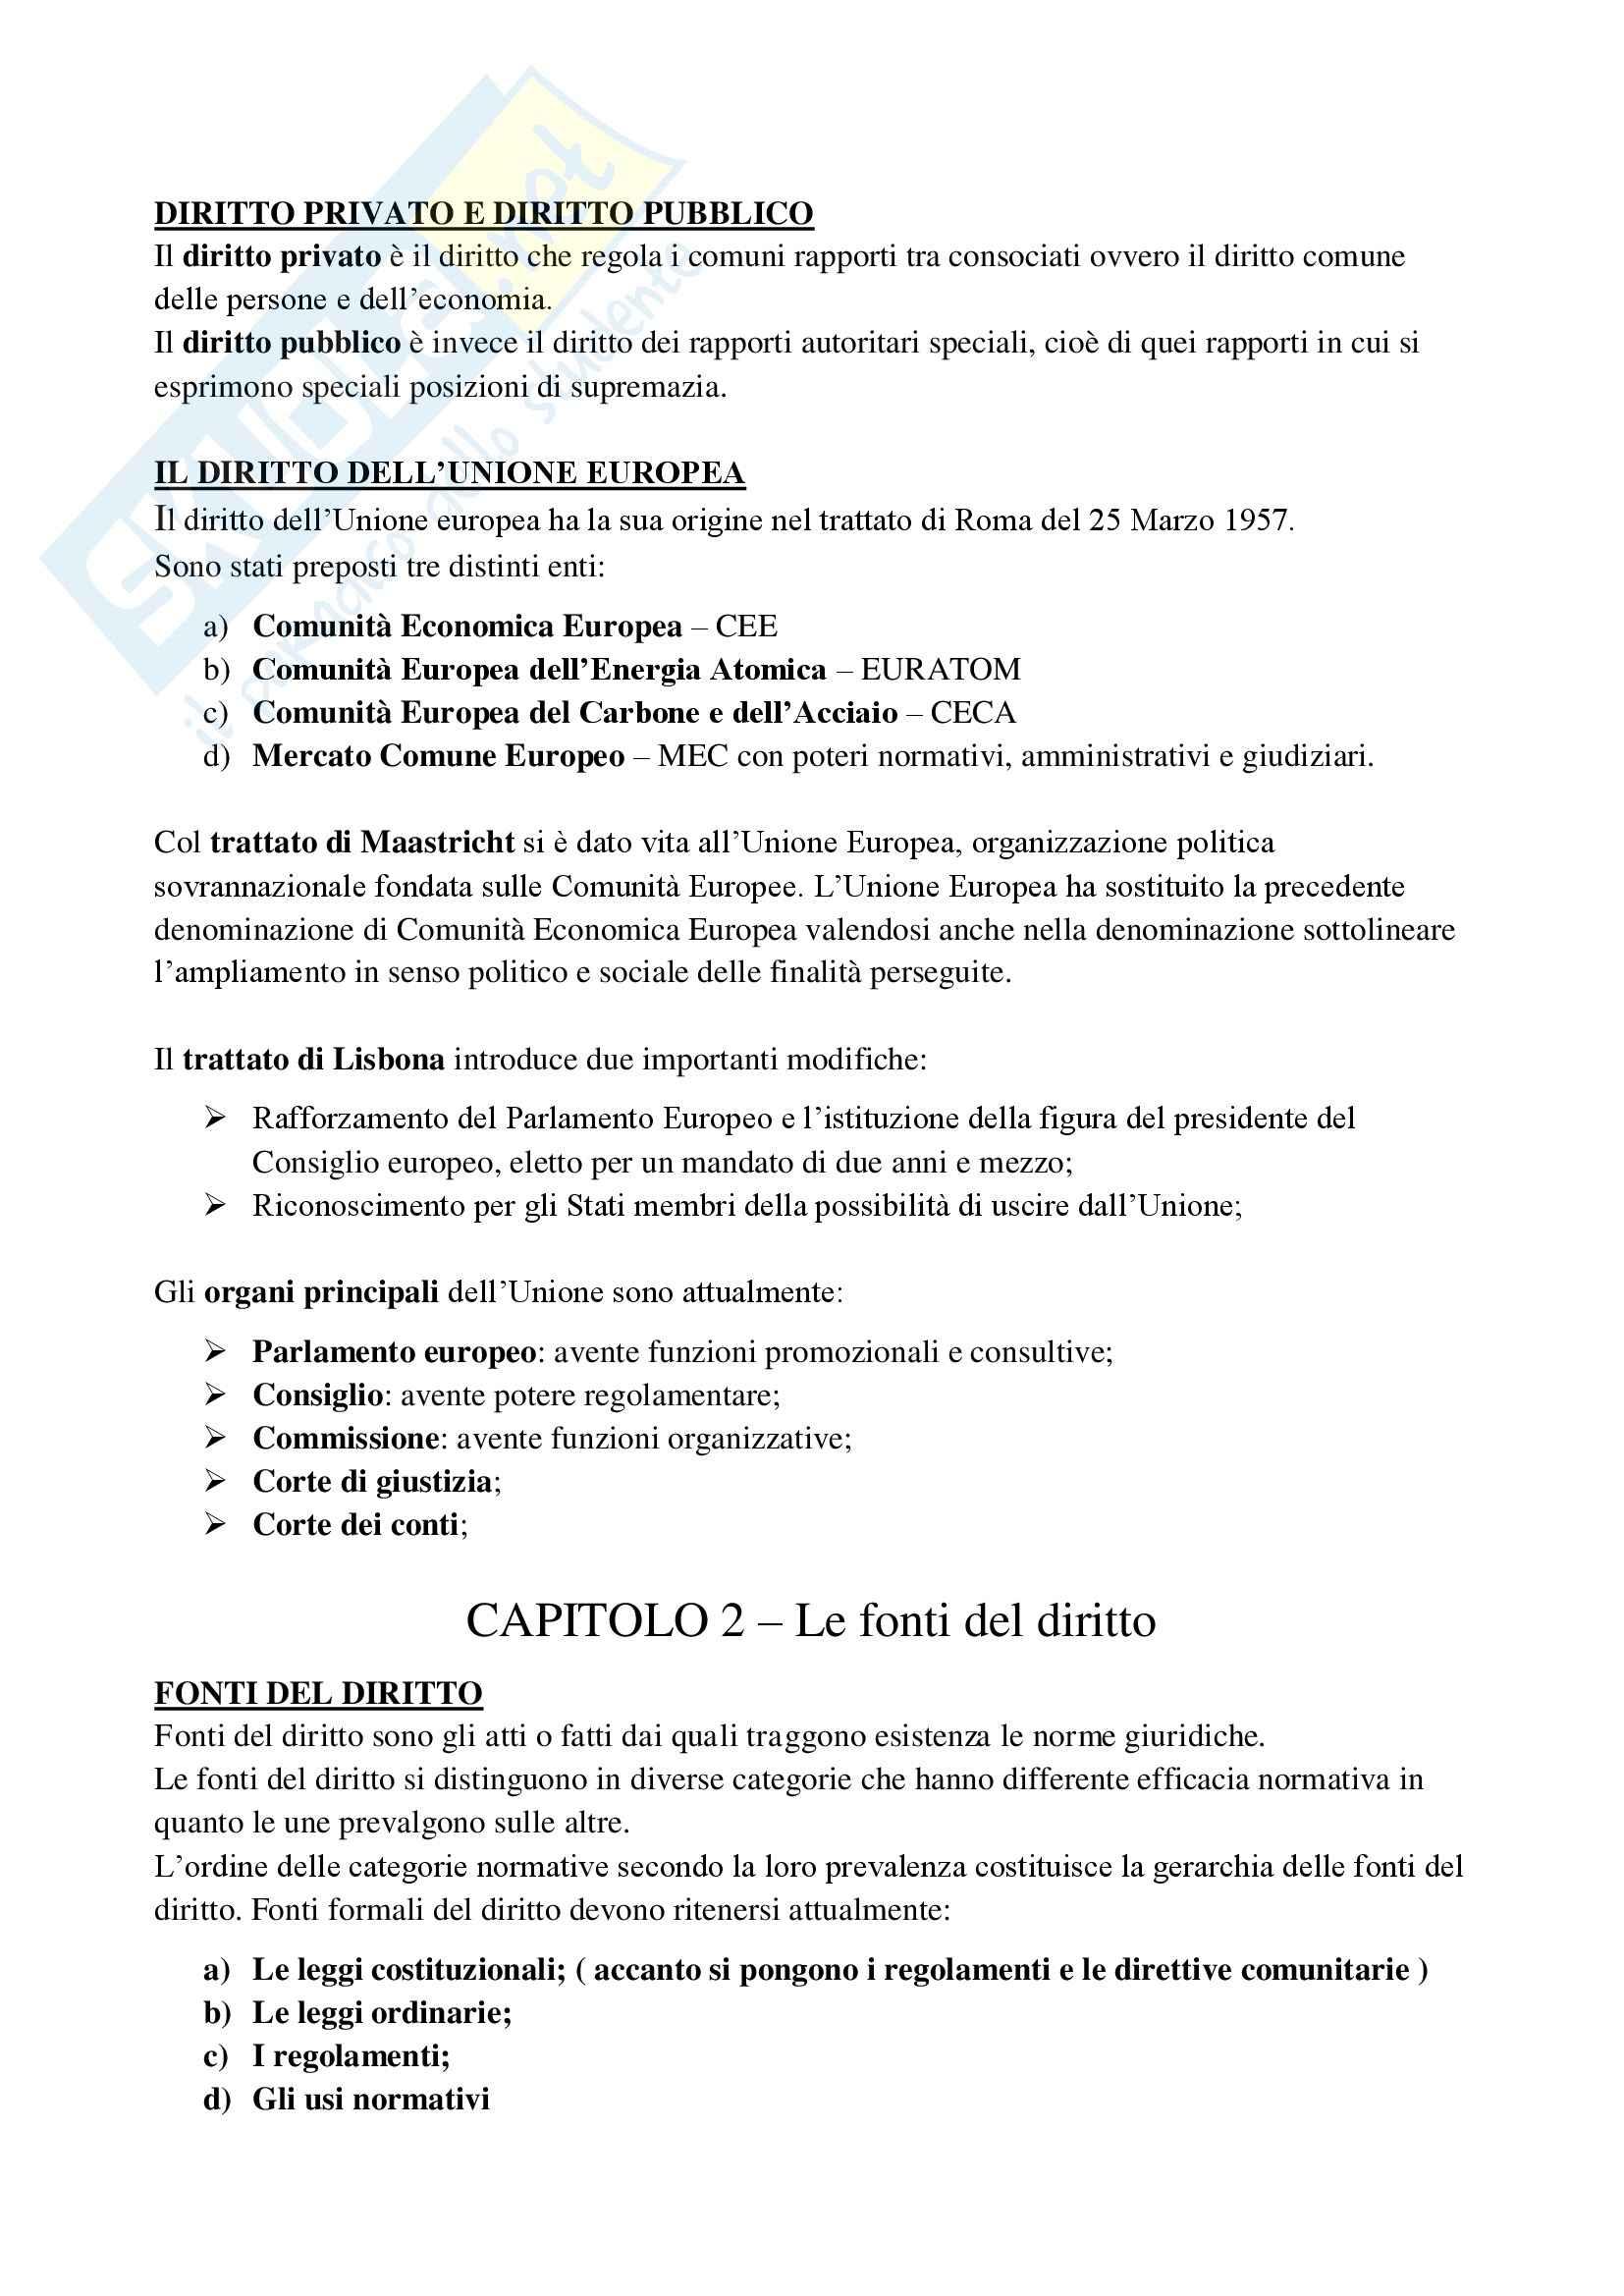 Diritto privato e della comunicazione - Appunti Pag. 2